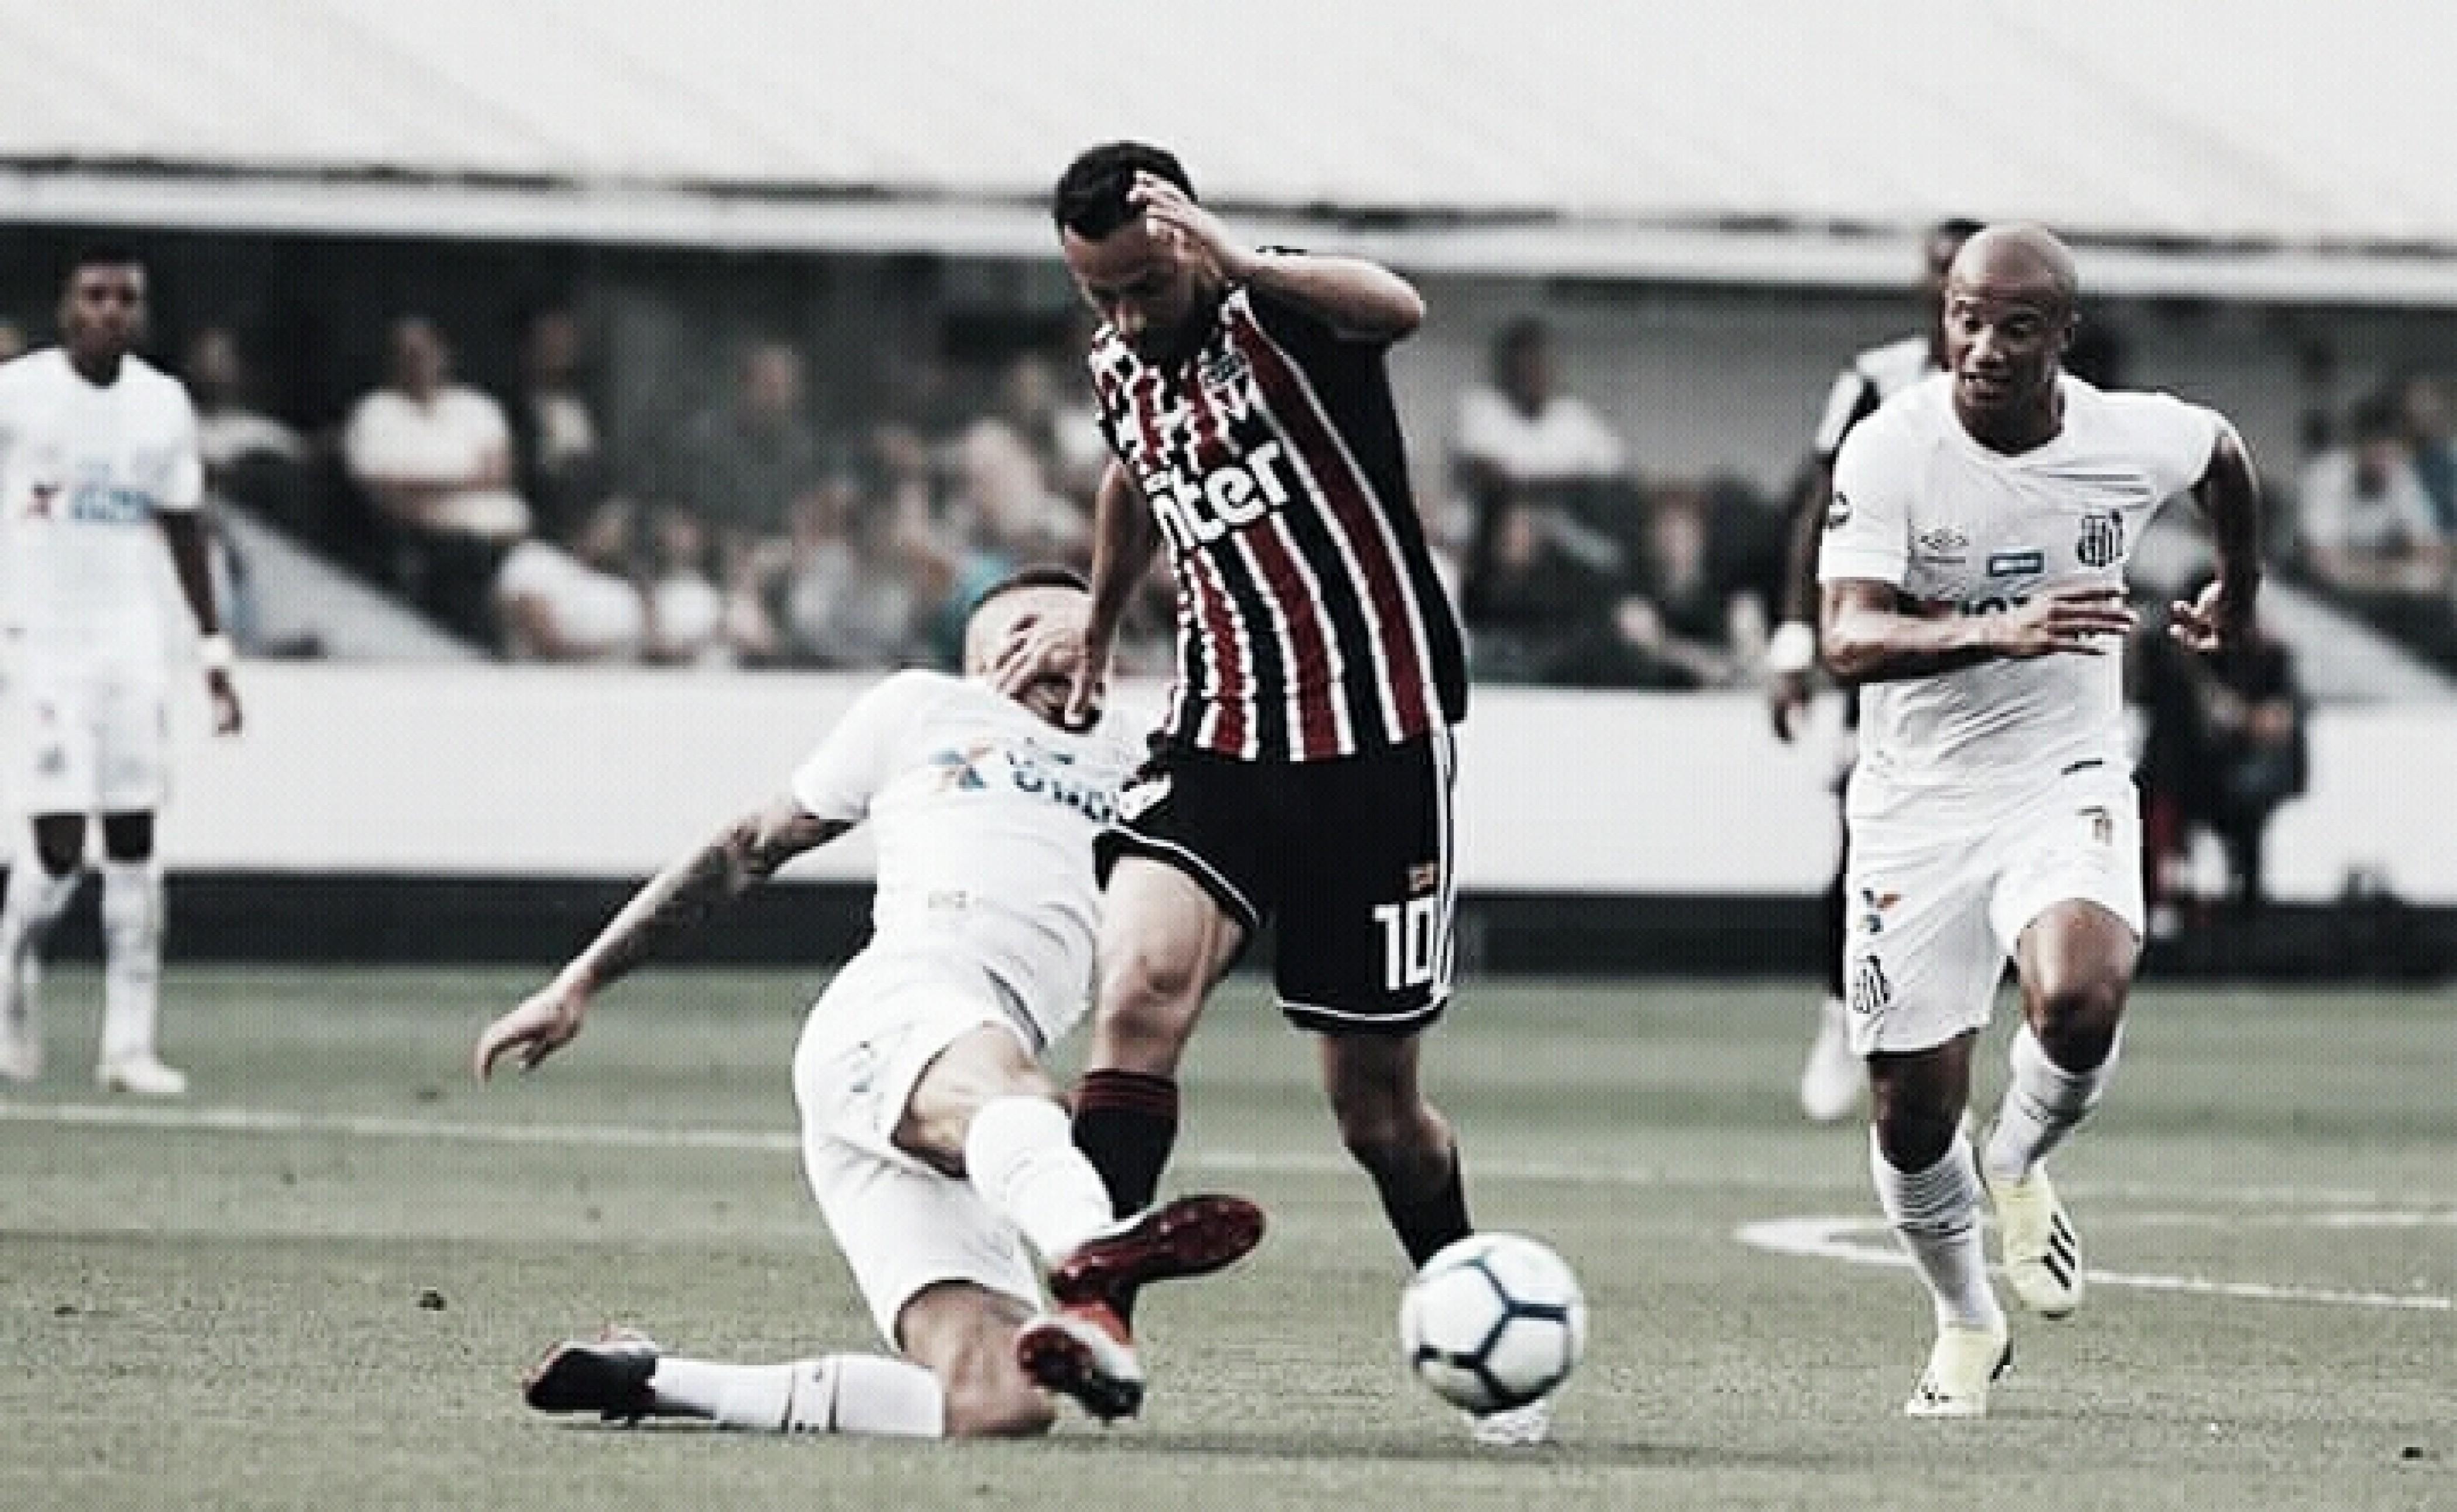 Com poucas chances de gols, Santos e São Paulo empatam naVila Belmiro